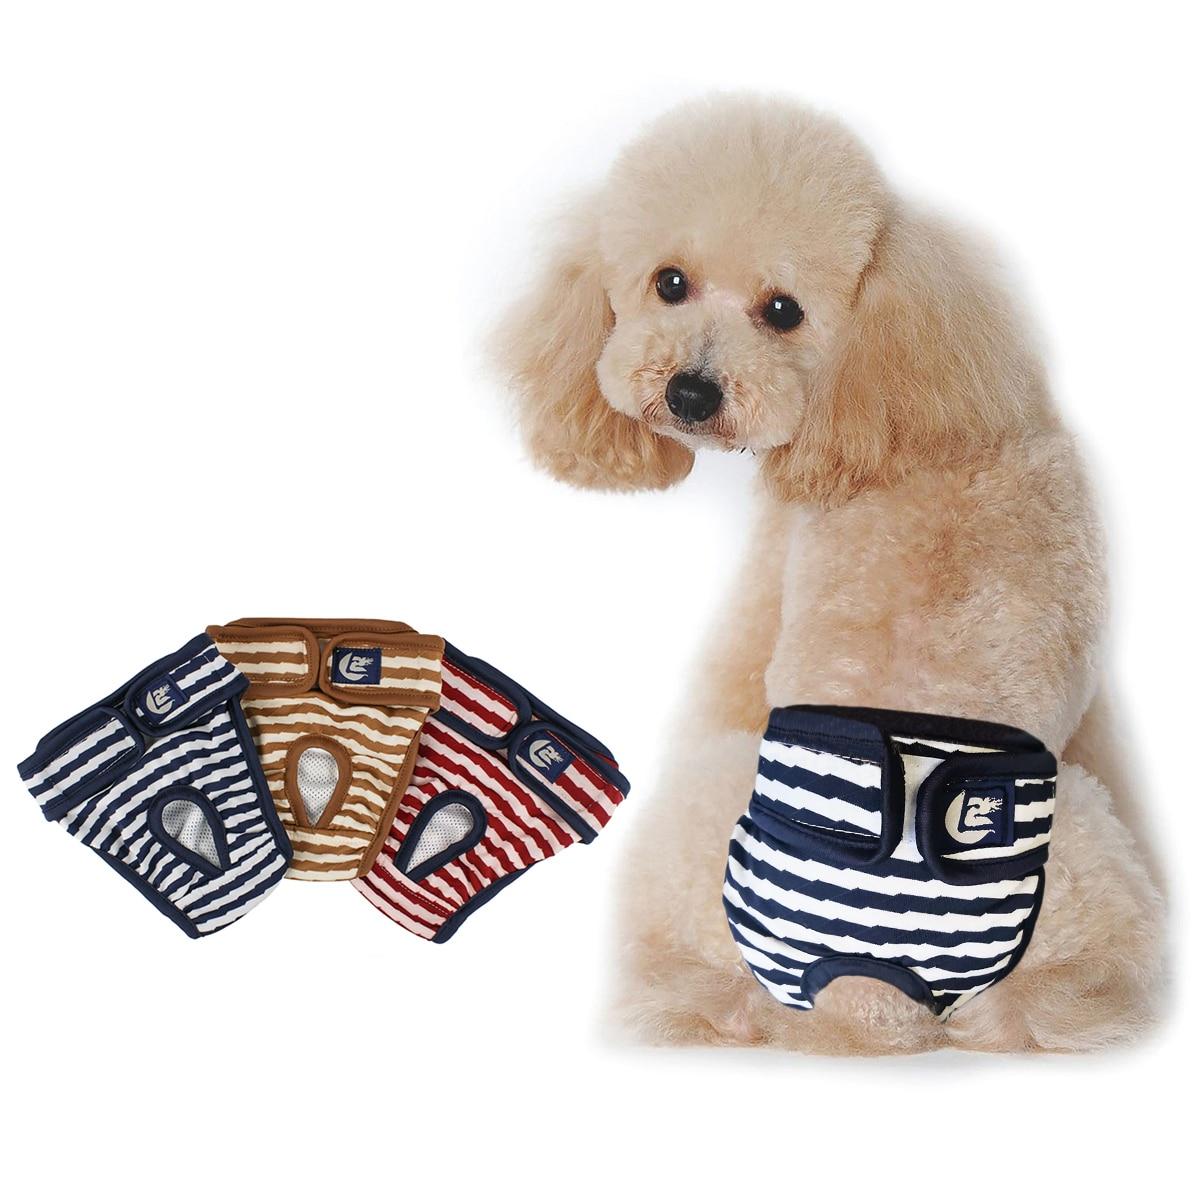 Nueva mascota pantalones fisiológicos pañal sanitario lavable mujer perro pantalones cortos bragas menstruación Ropa interior Calzoncillos Mono para perro D40